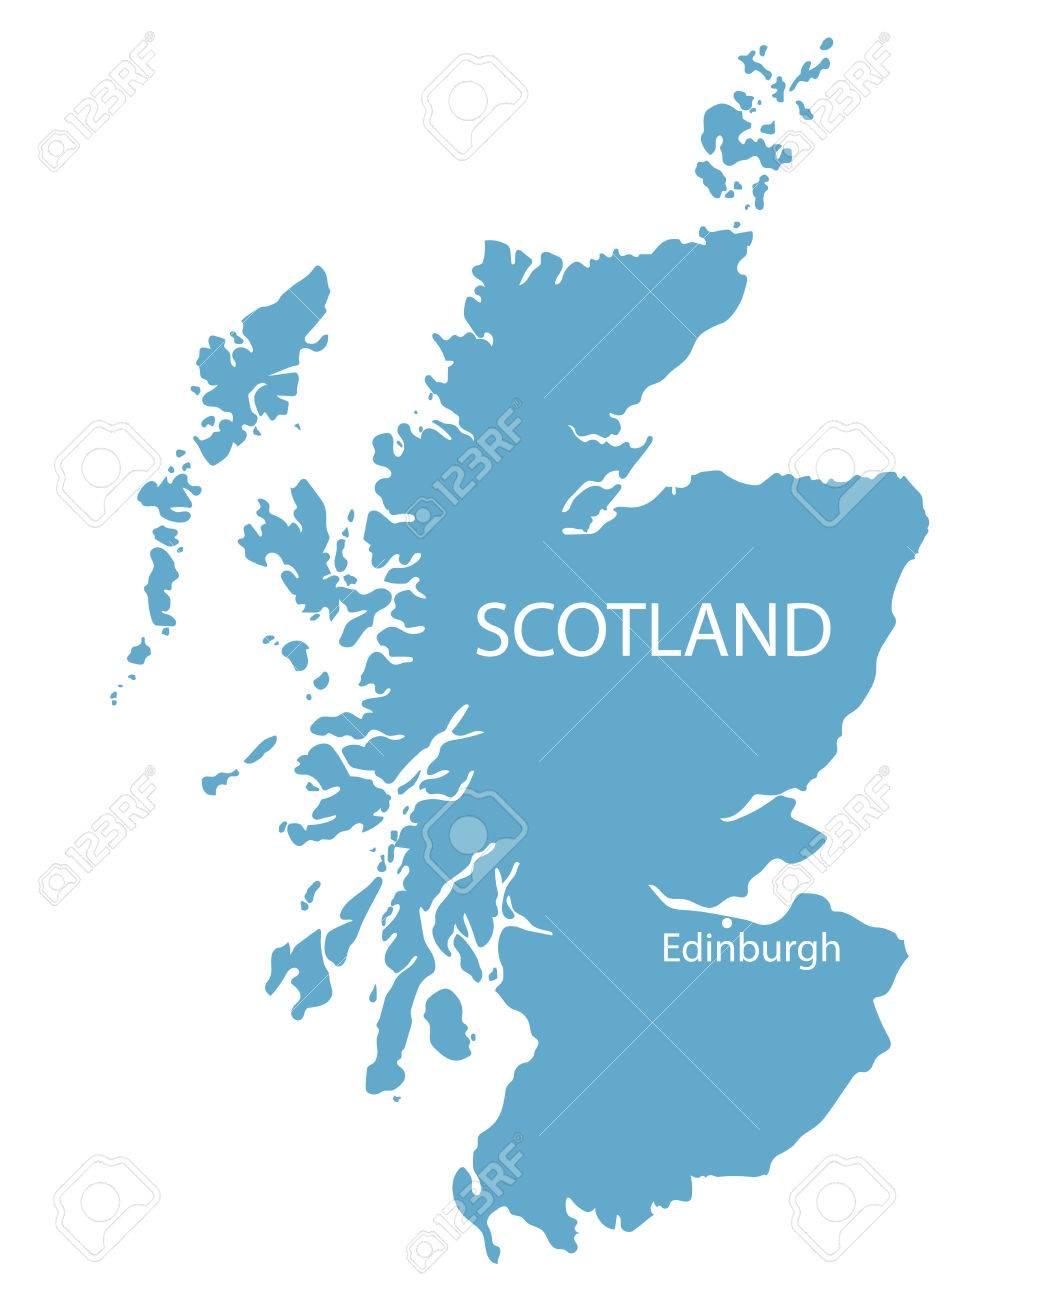 Mapa Azul De Escocia Con Indicacion De Edimburgo Ilustraciones